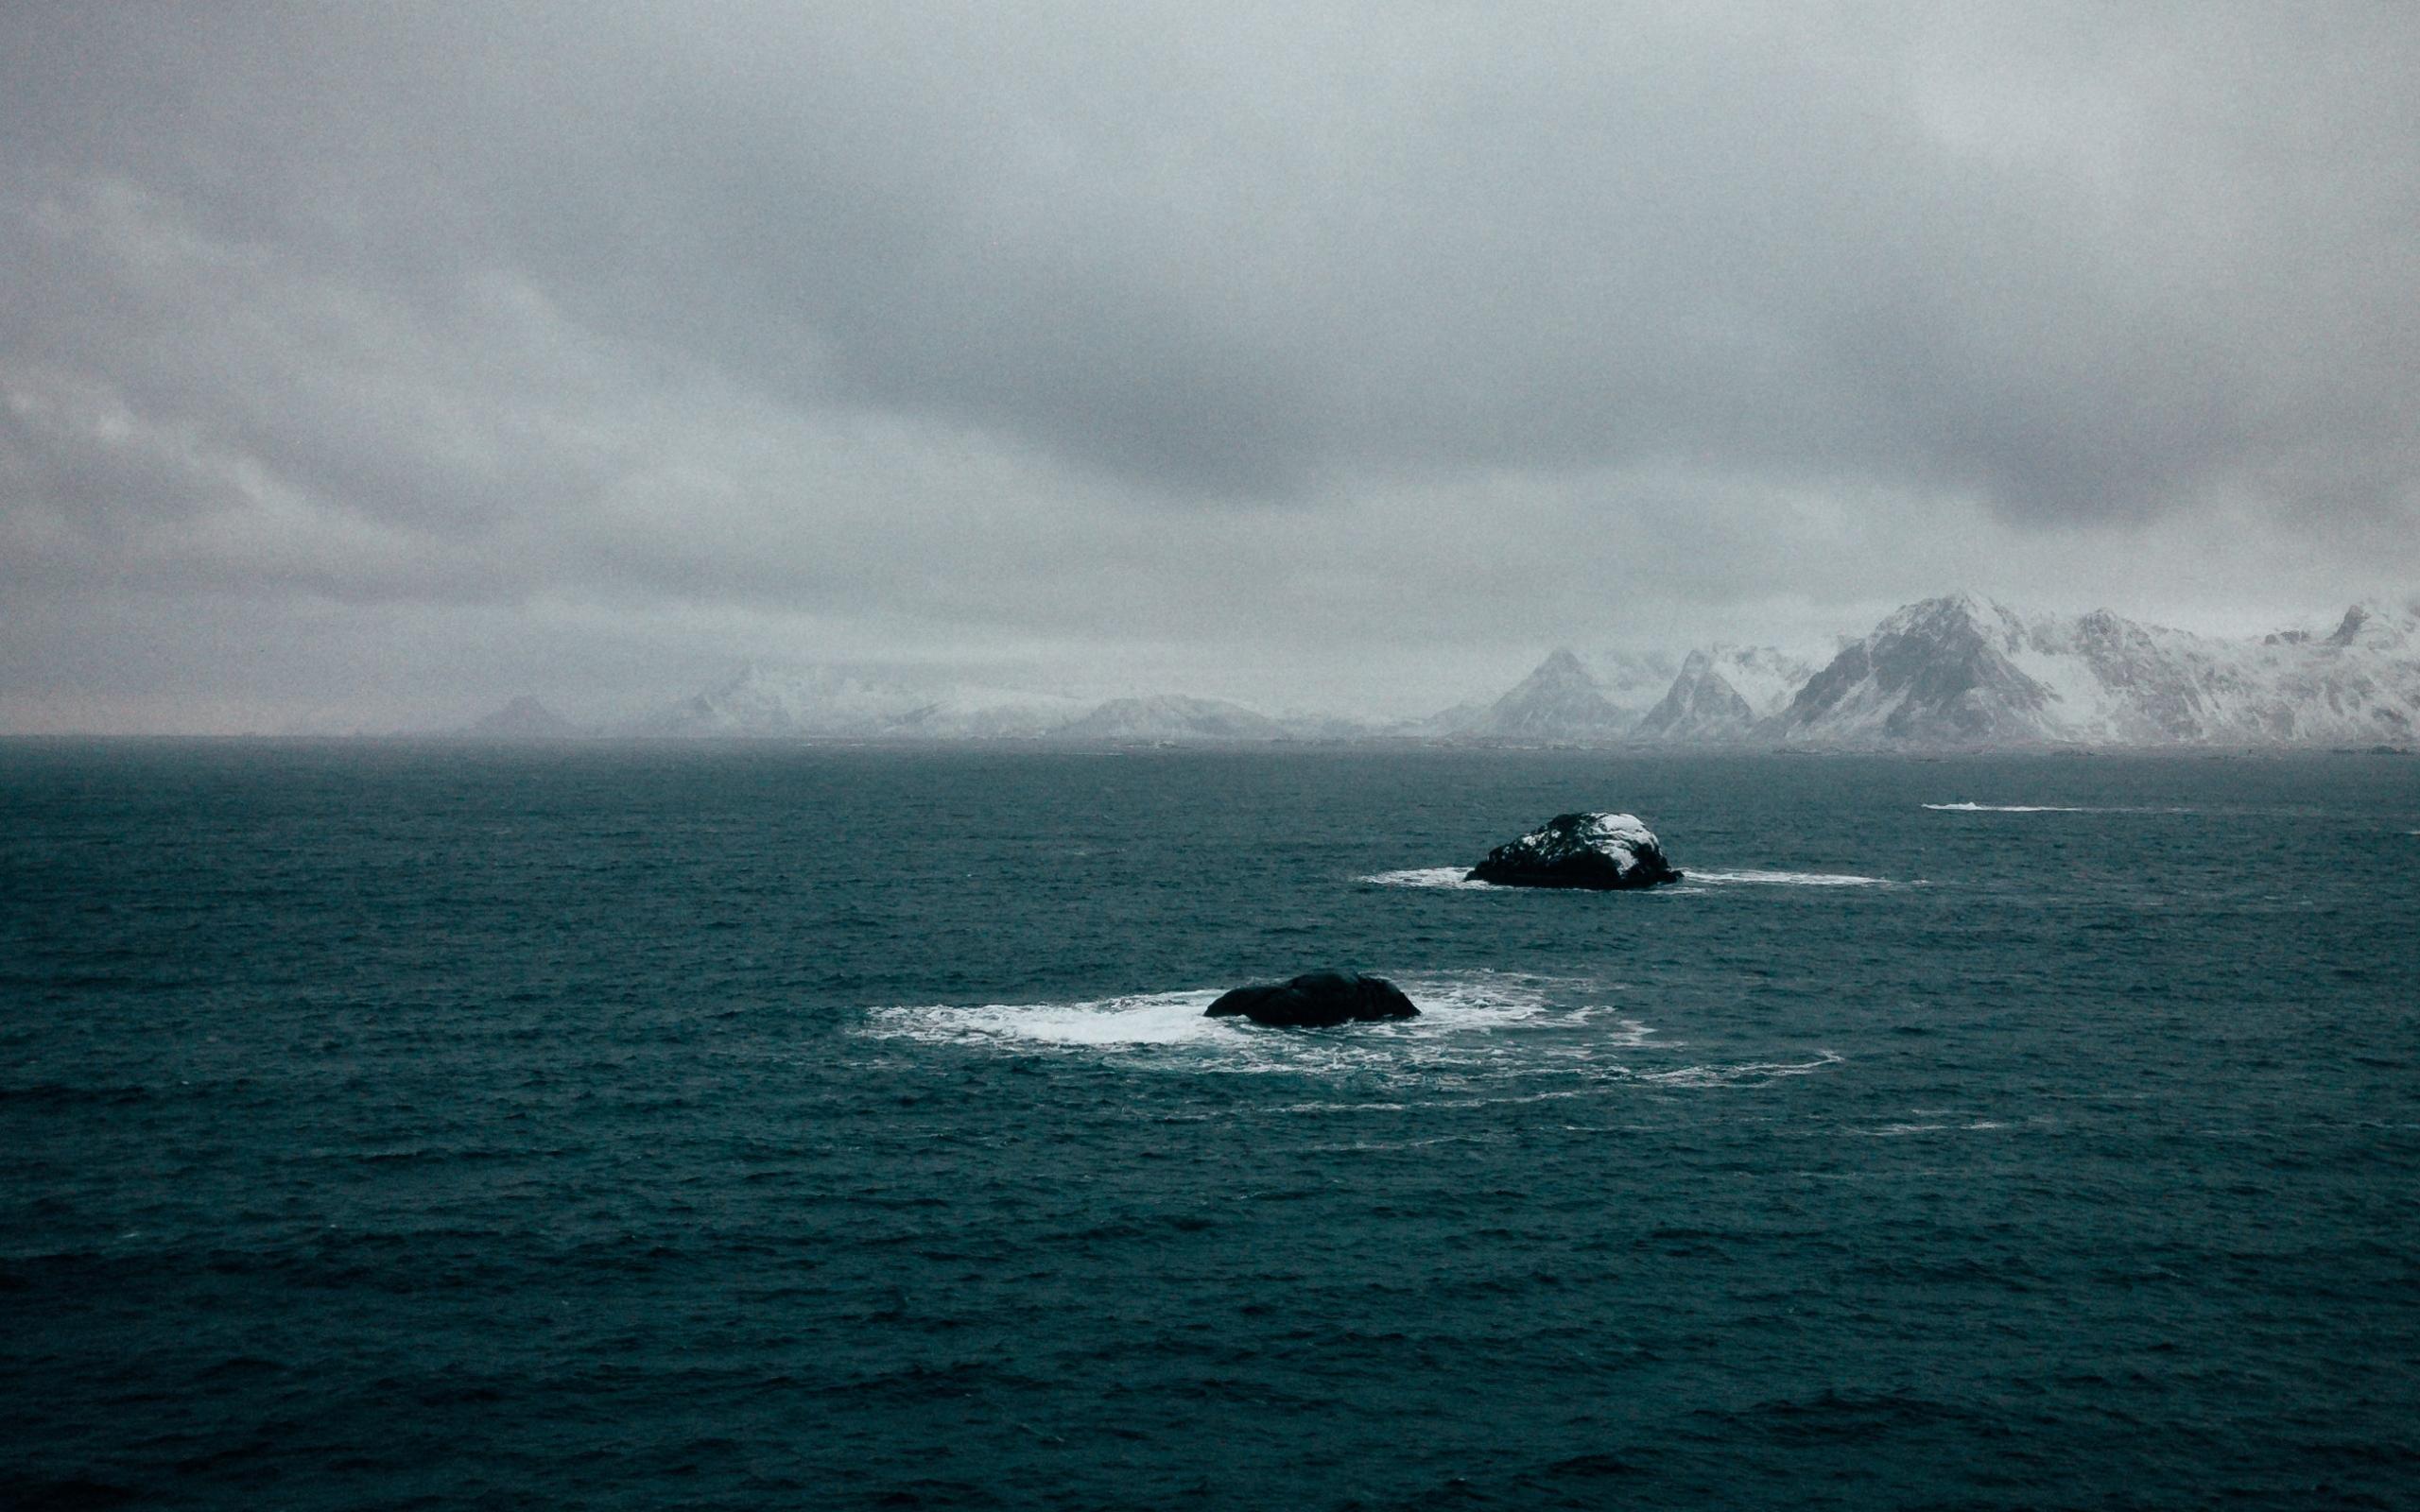 Холодное море Антарктики, обои для рабочего стола море океан, 2560 на 1600 пикселей